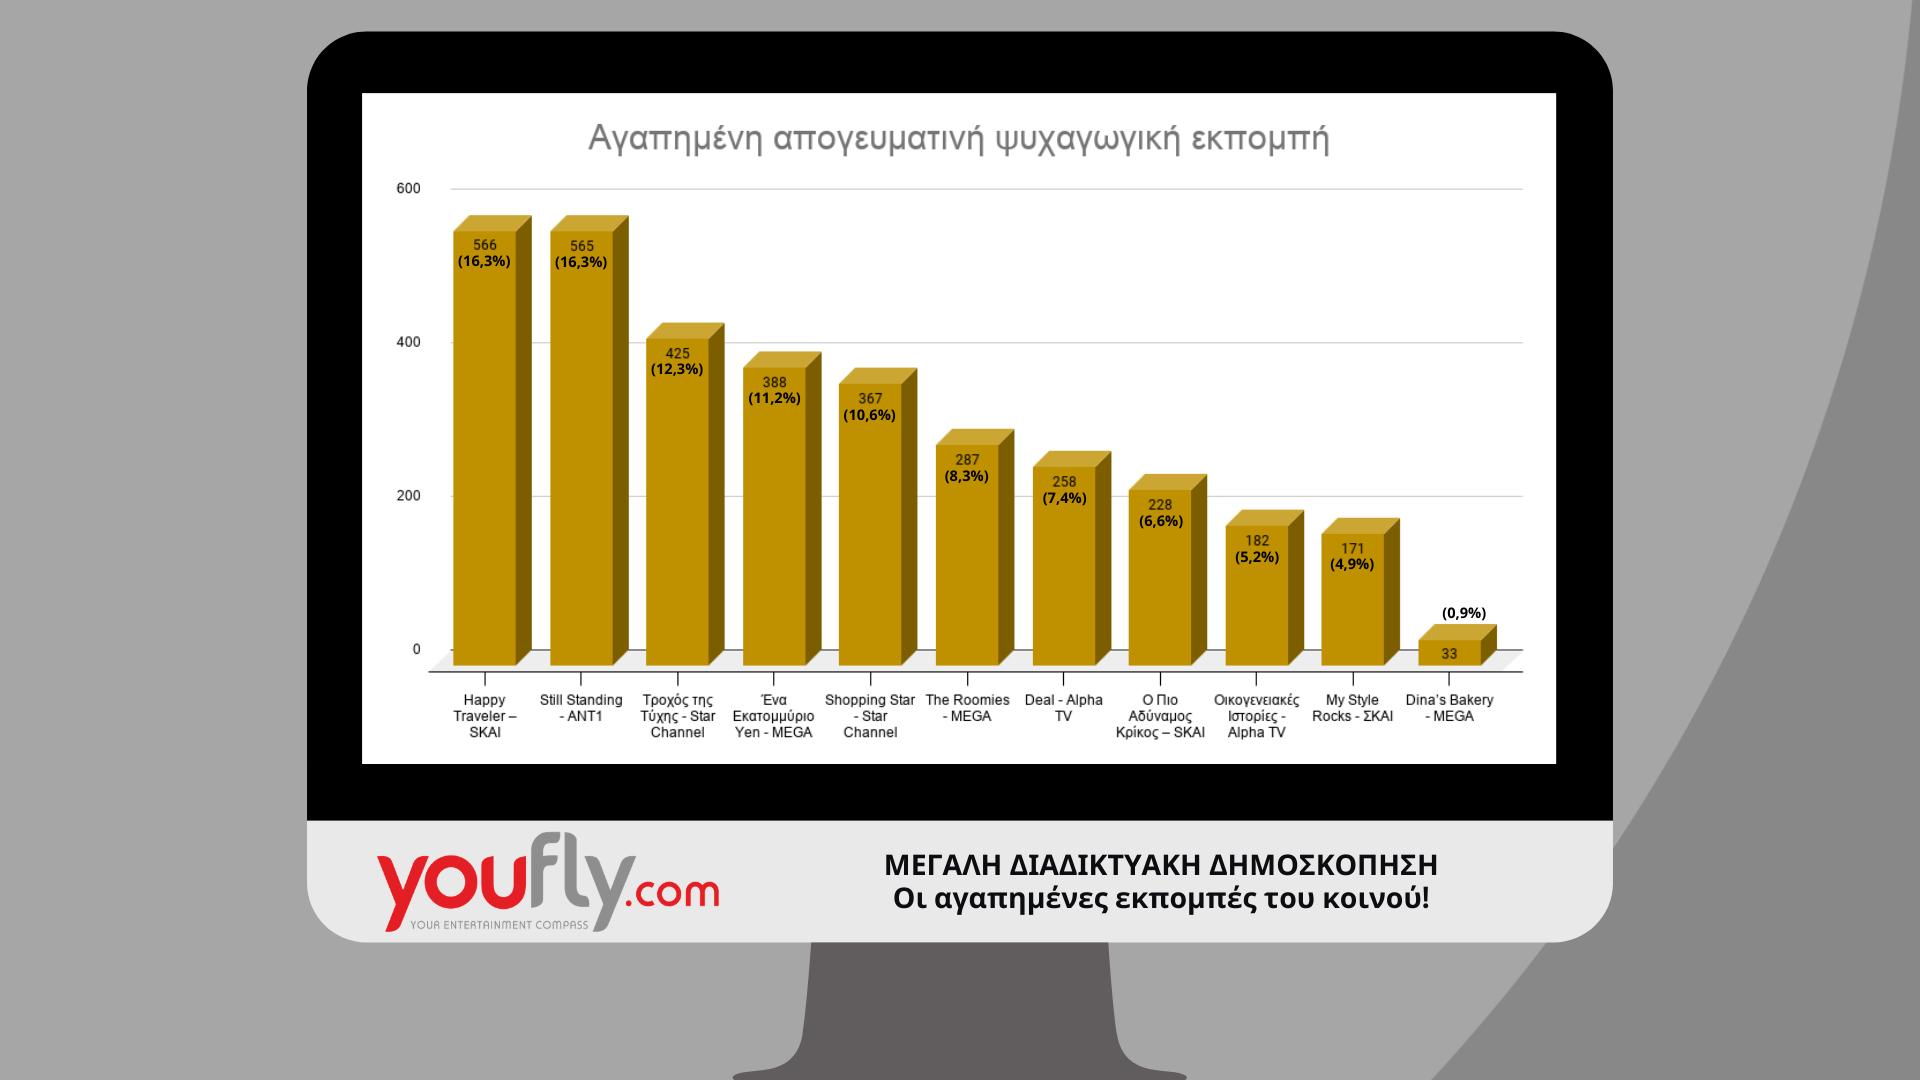 αποτελέσματα δημοσκόπησης στην τηλεόραση γραφήματα απογευματινή ζώνη